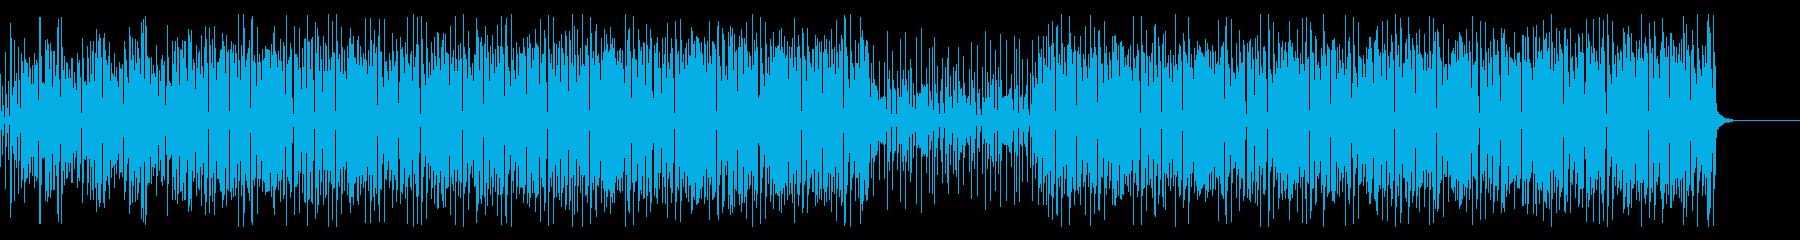 ドタバタコメディBGMの再生済みの波形